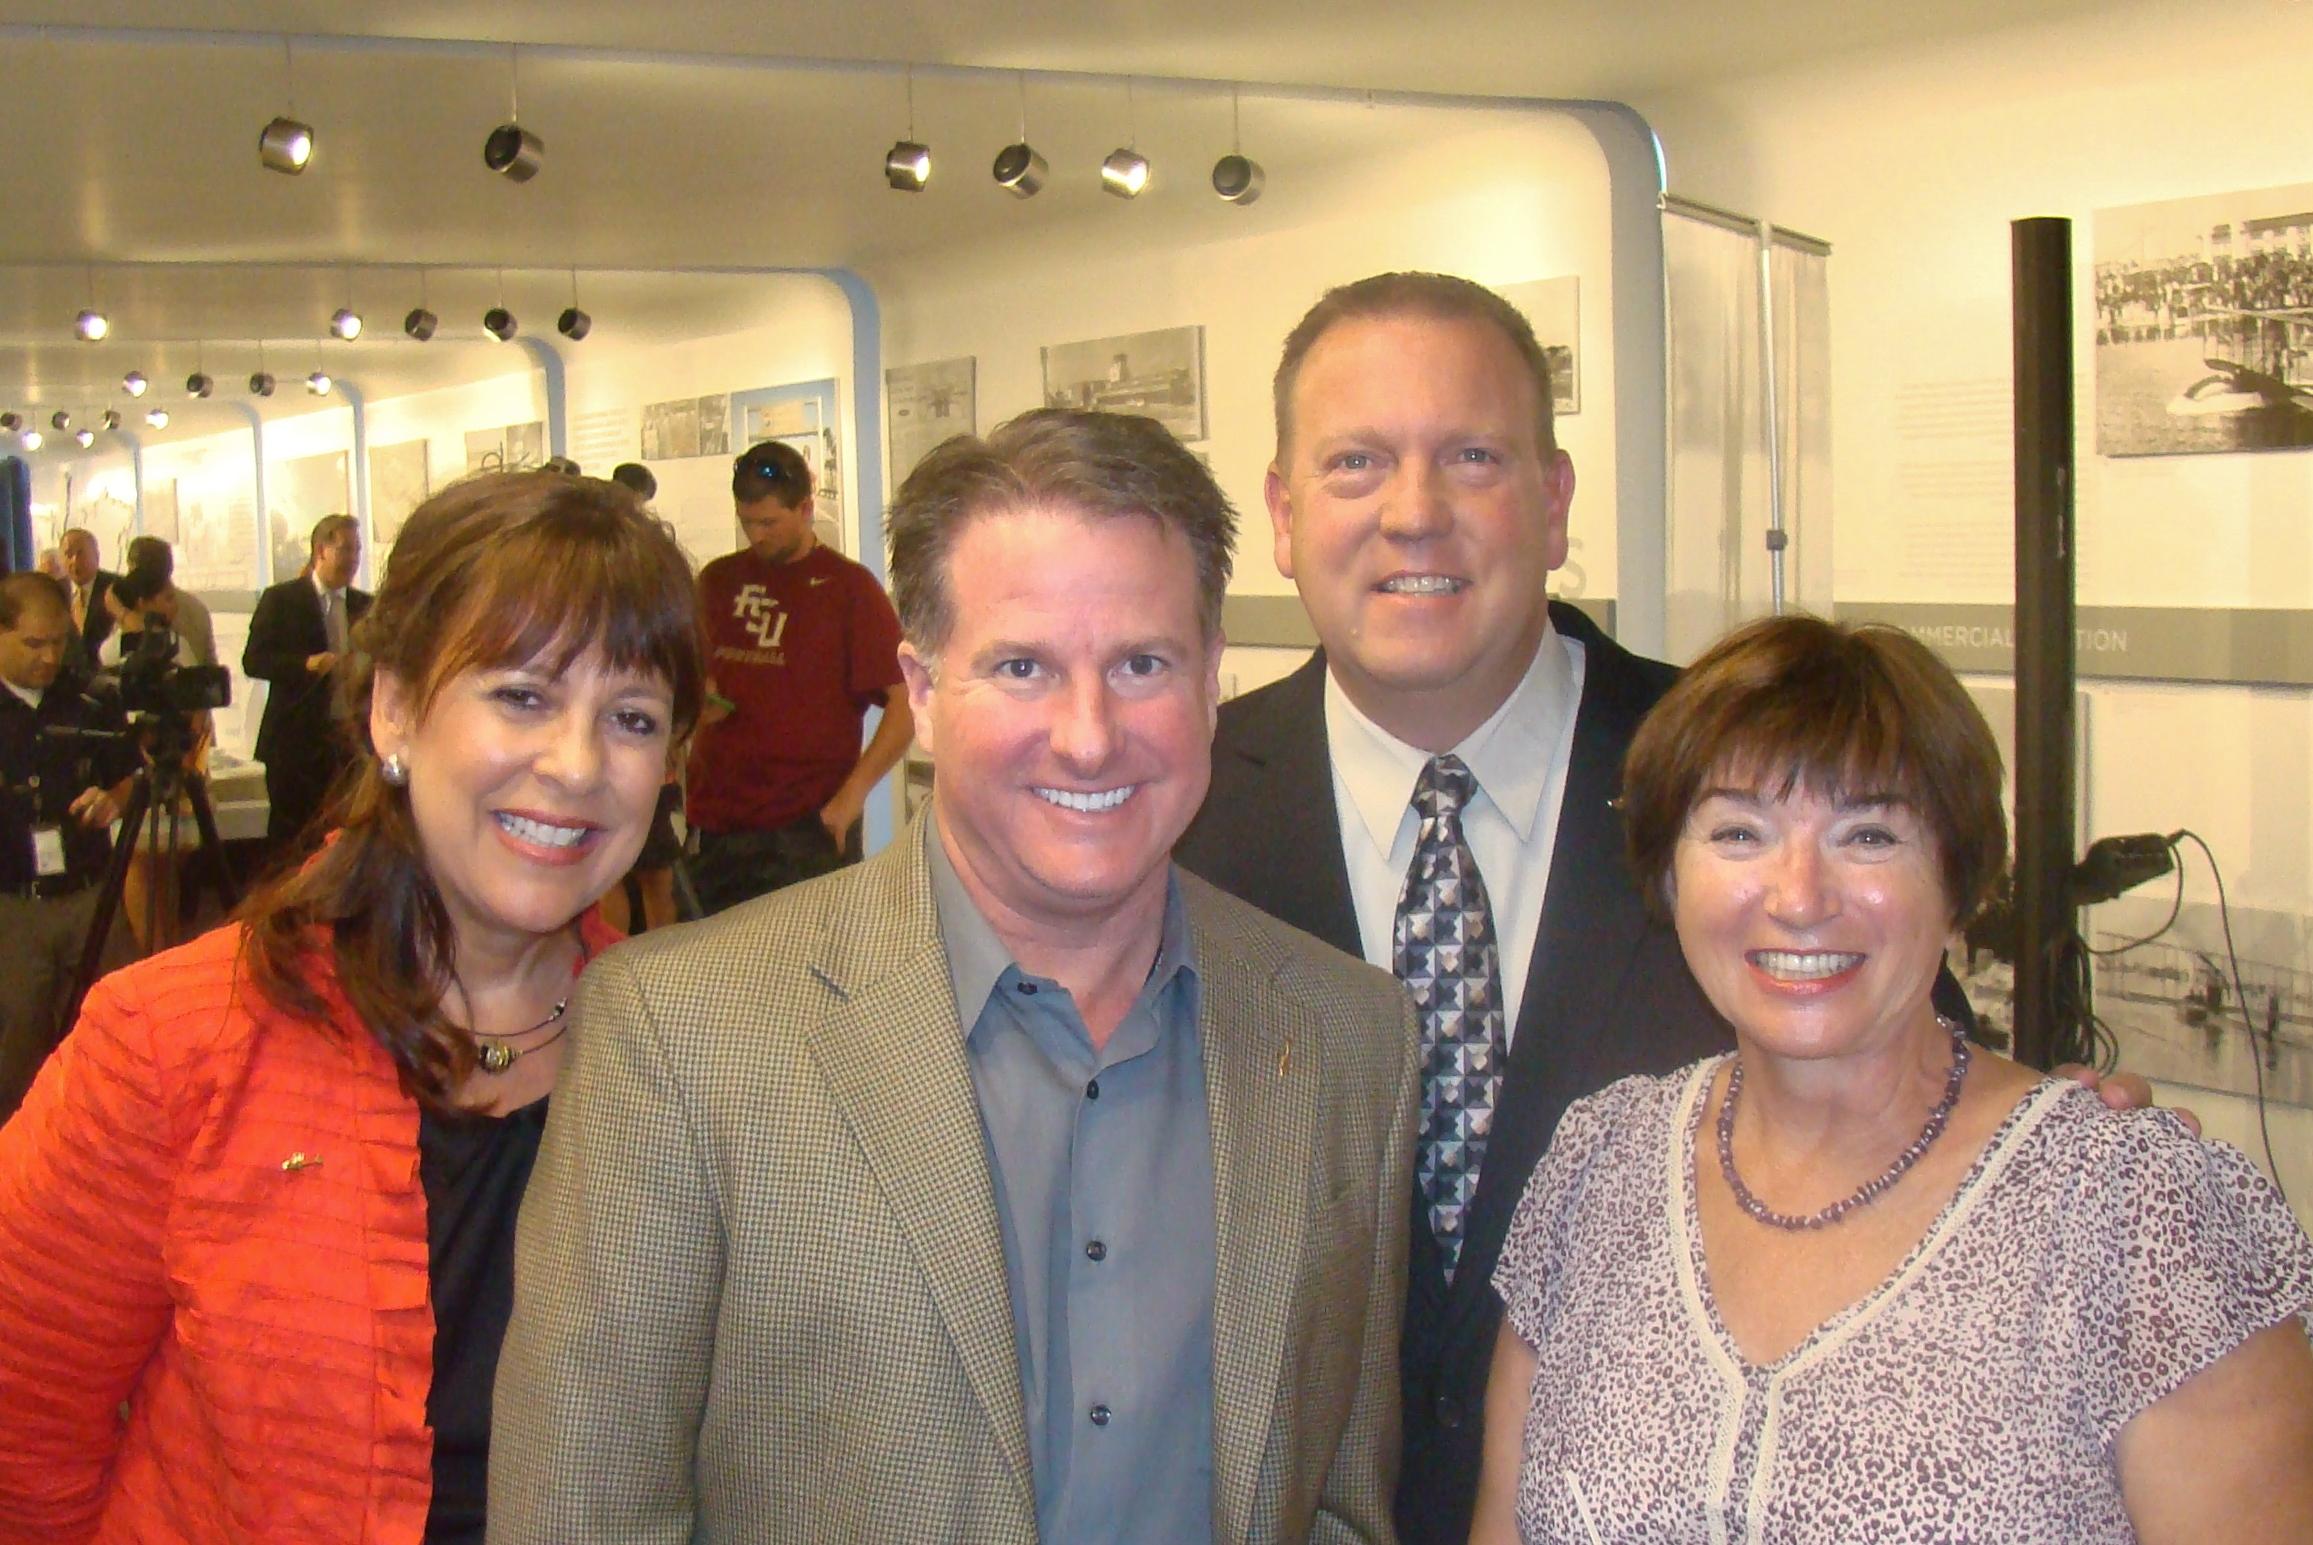 Alison Hoefler, Robert Bohan, Bill McGrew & Anne Menke, 30 Oct '14.JPG